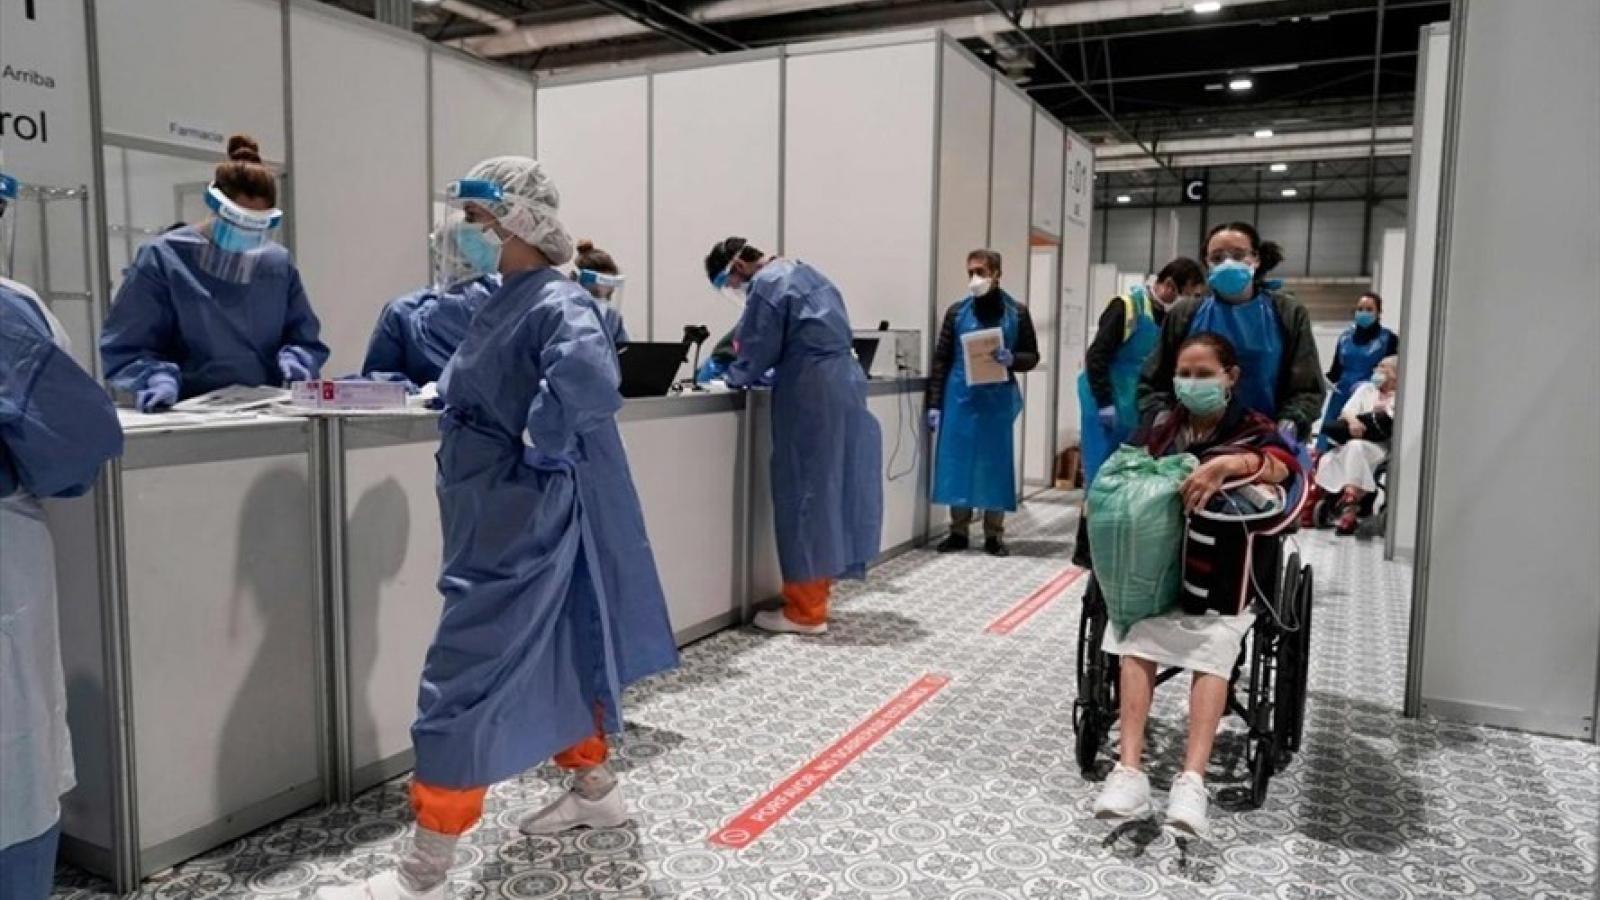 Châu Âu bắt đầu mở cửa trở lại, Châu Á tăng tốc tiêm vaccine ngừa Covid-19